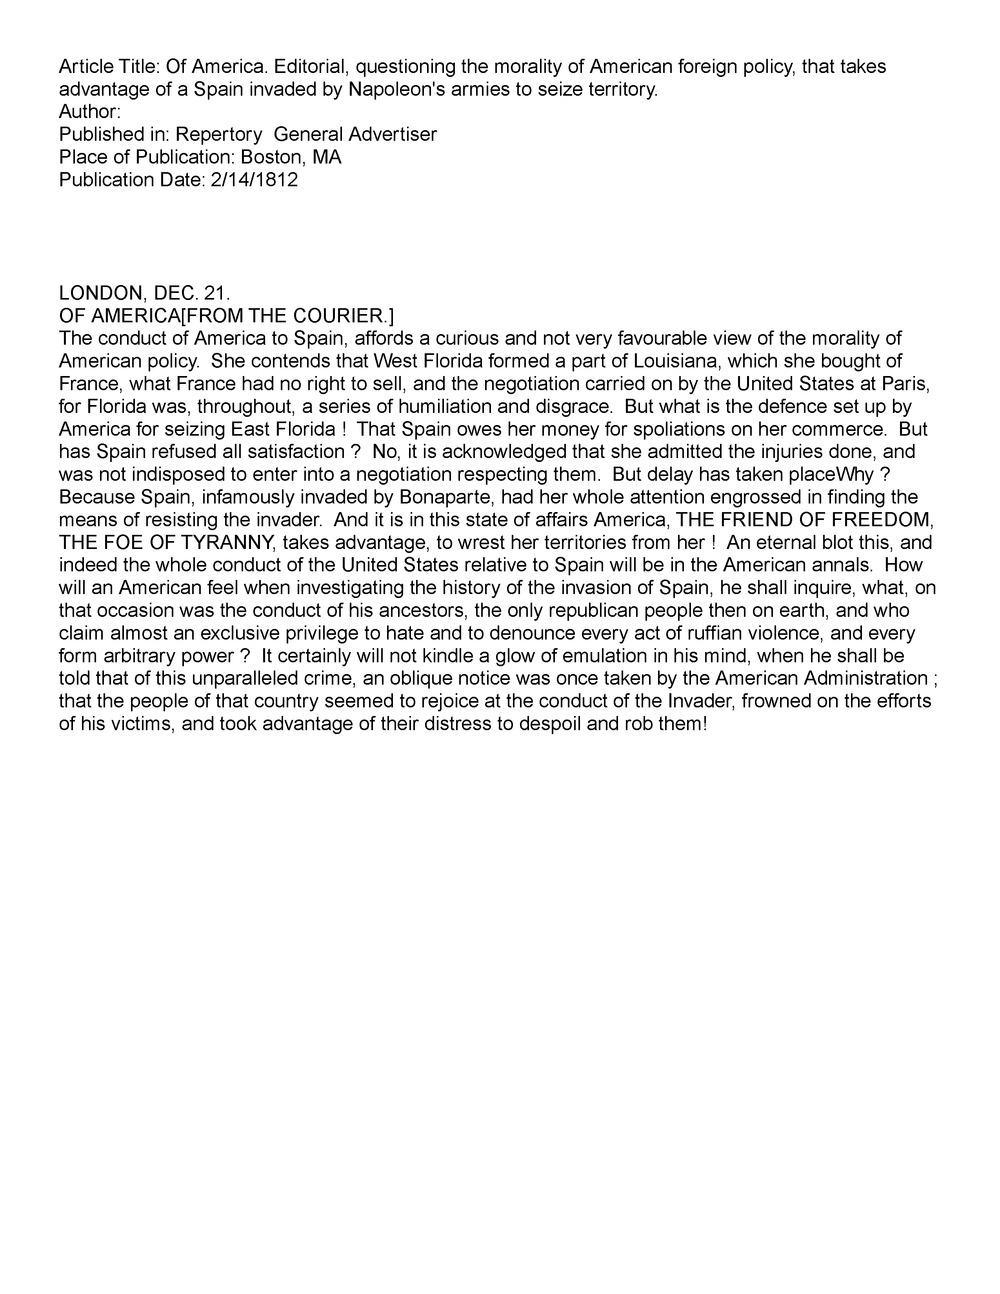 Repertory & General Advertiser 2/14/1812  1:5